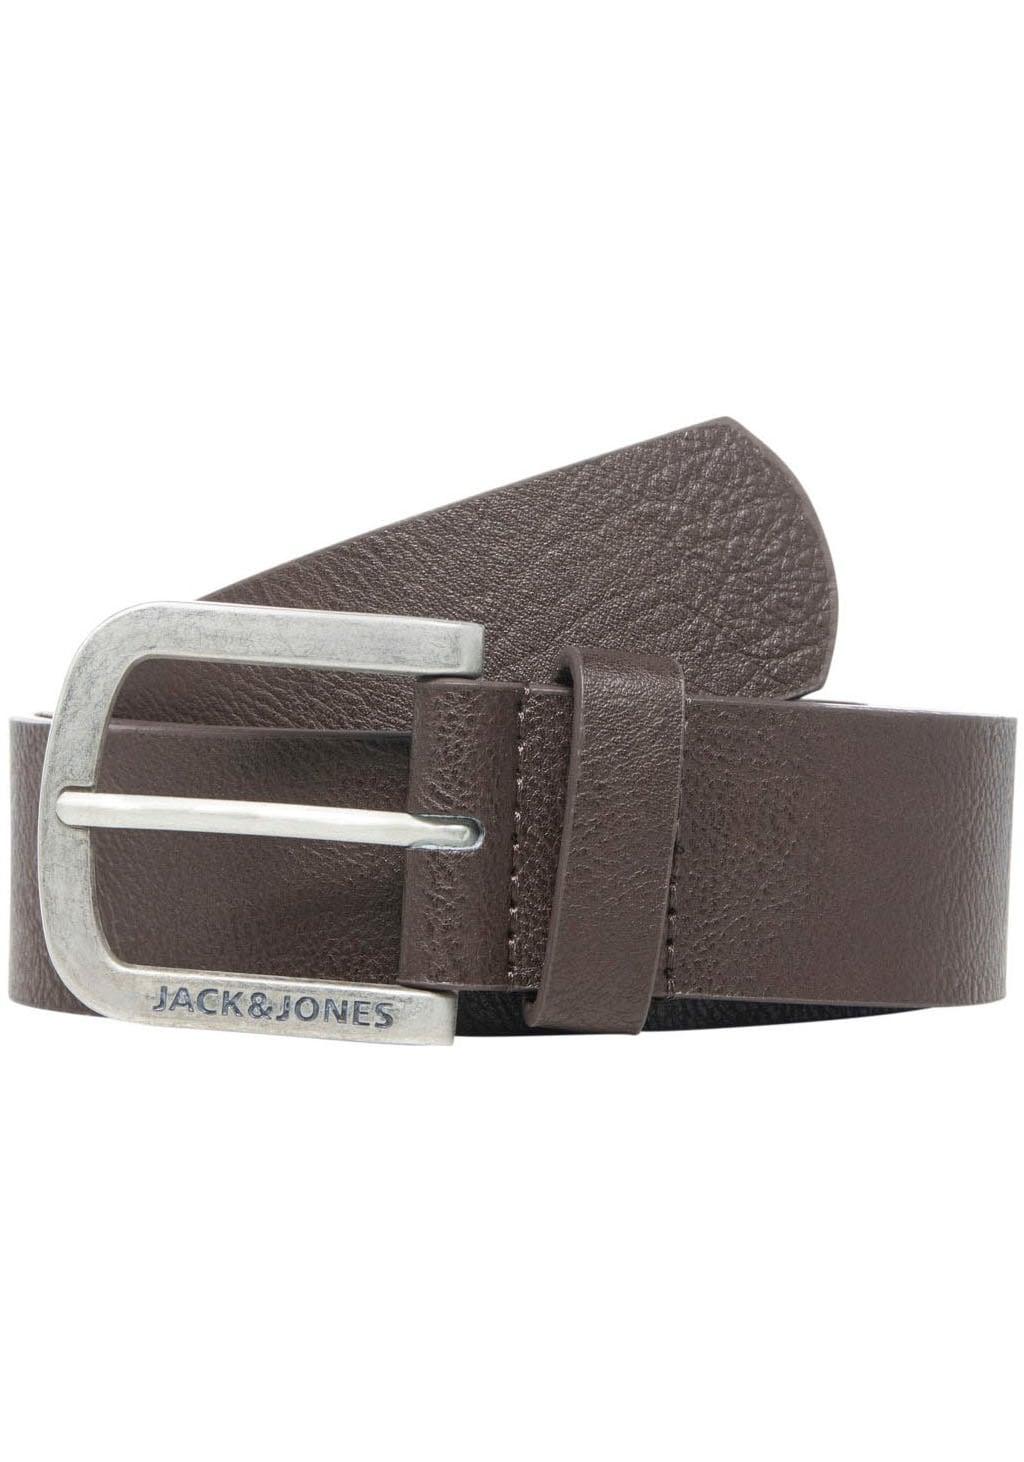 Jack & Jones Junior Synthetikgürtel JACHARRY BELT JR braun Baby Gürtel Mädchen Accessoires